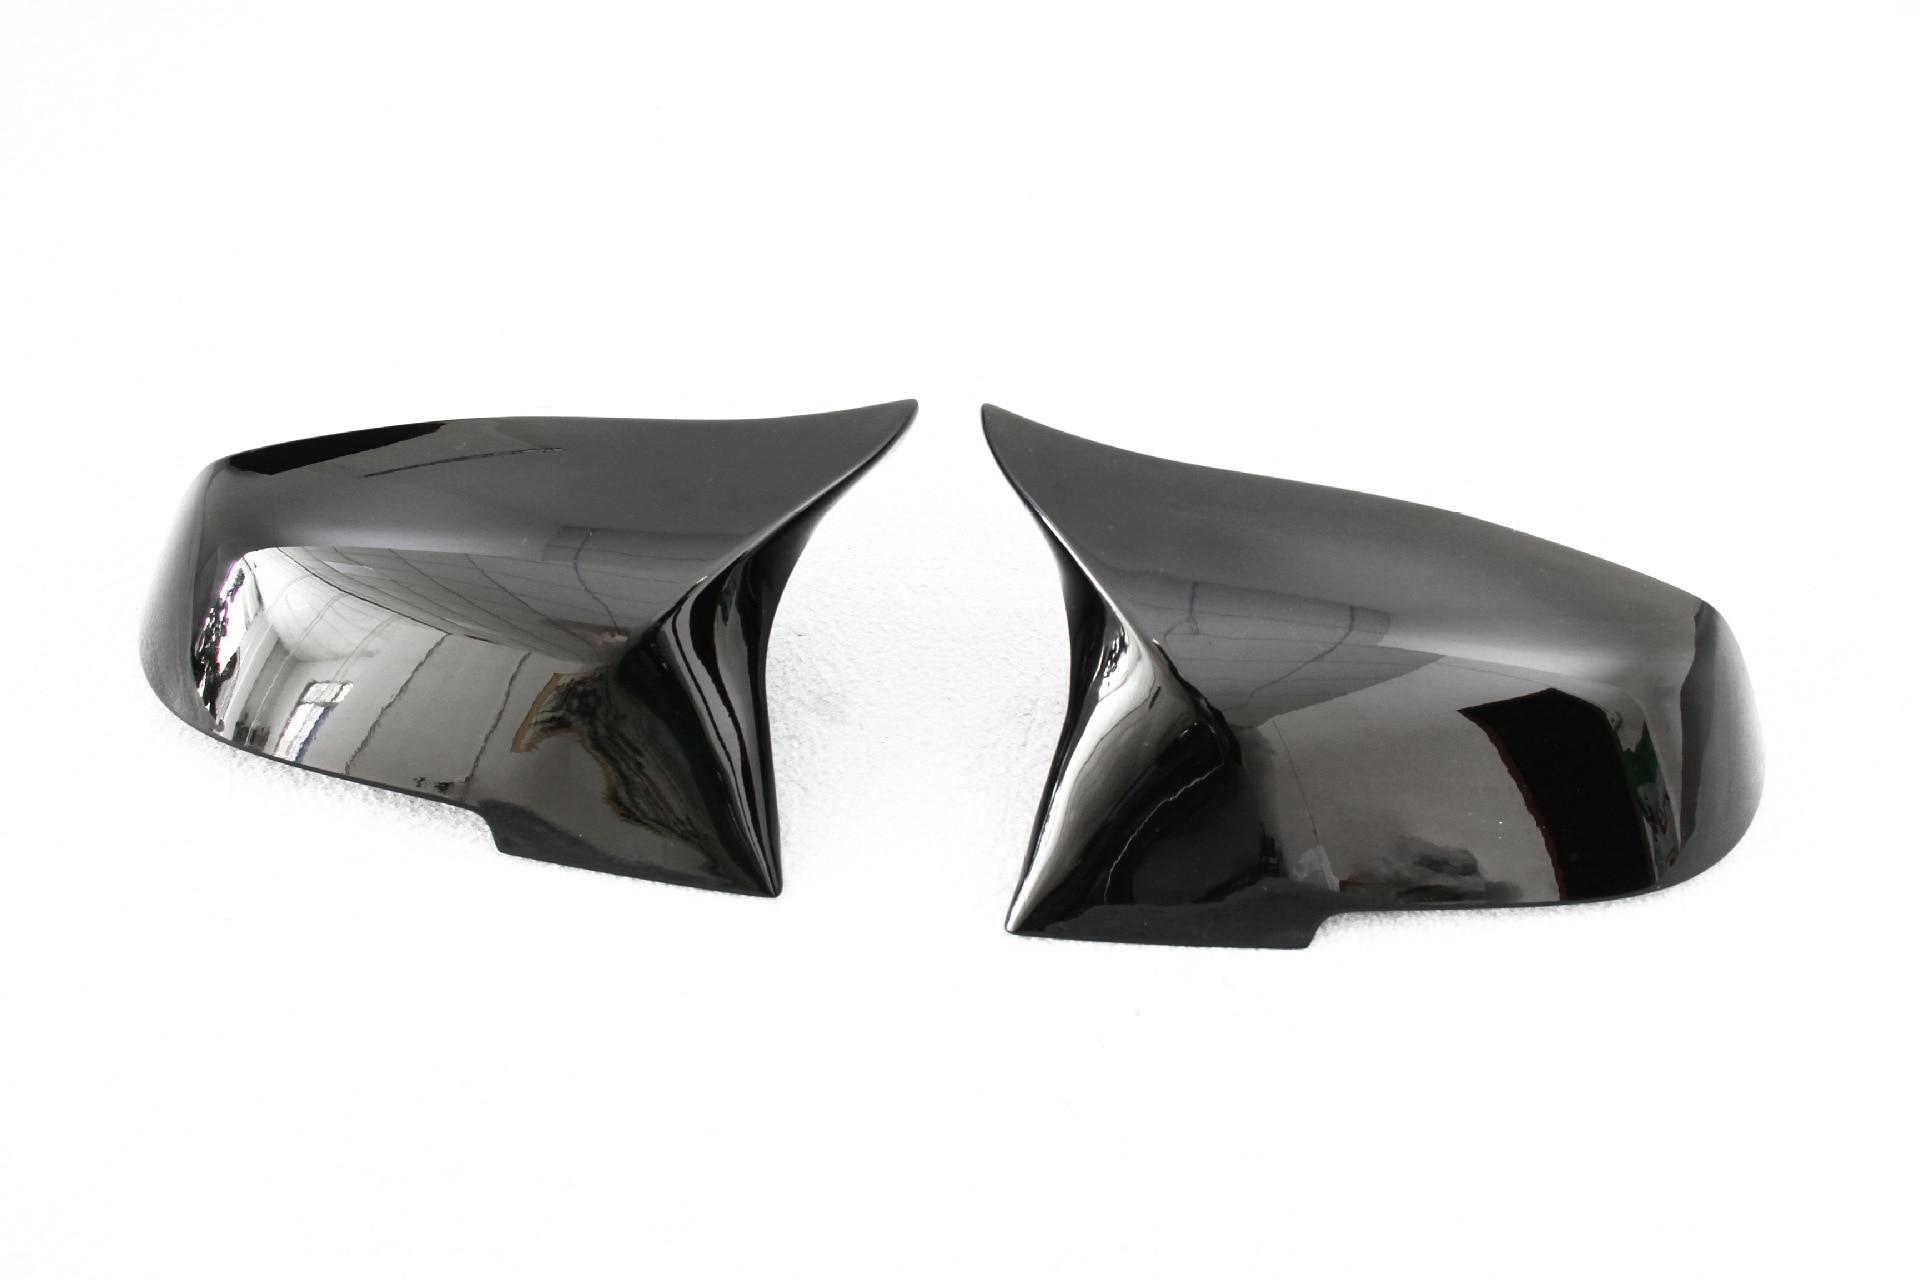 2 шт. автомобильный Стайлинг крышка зеркала заднего вида для BMW 3 4 серии F30 F31 F32 F33 F36 замена зеркала заднего вида аксессуар